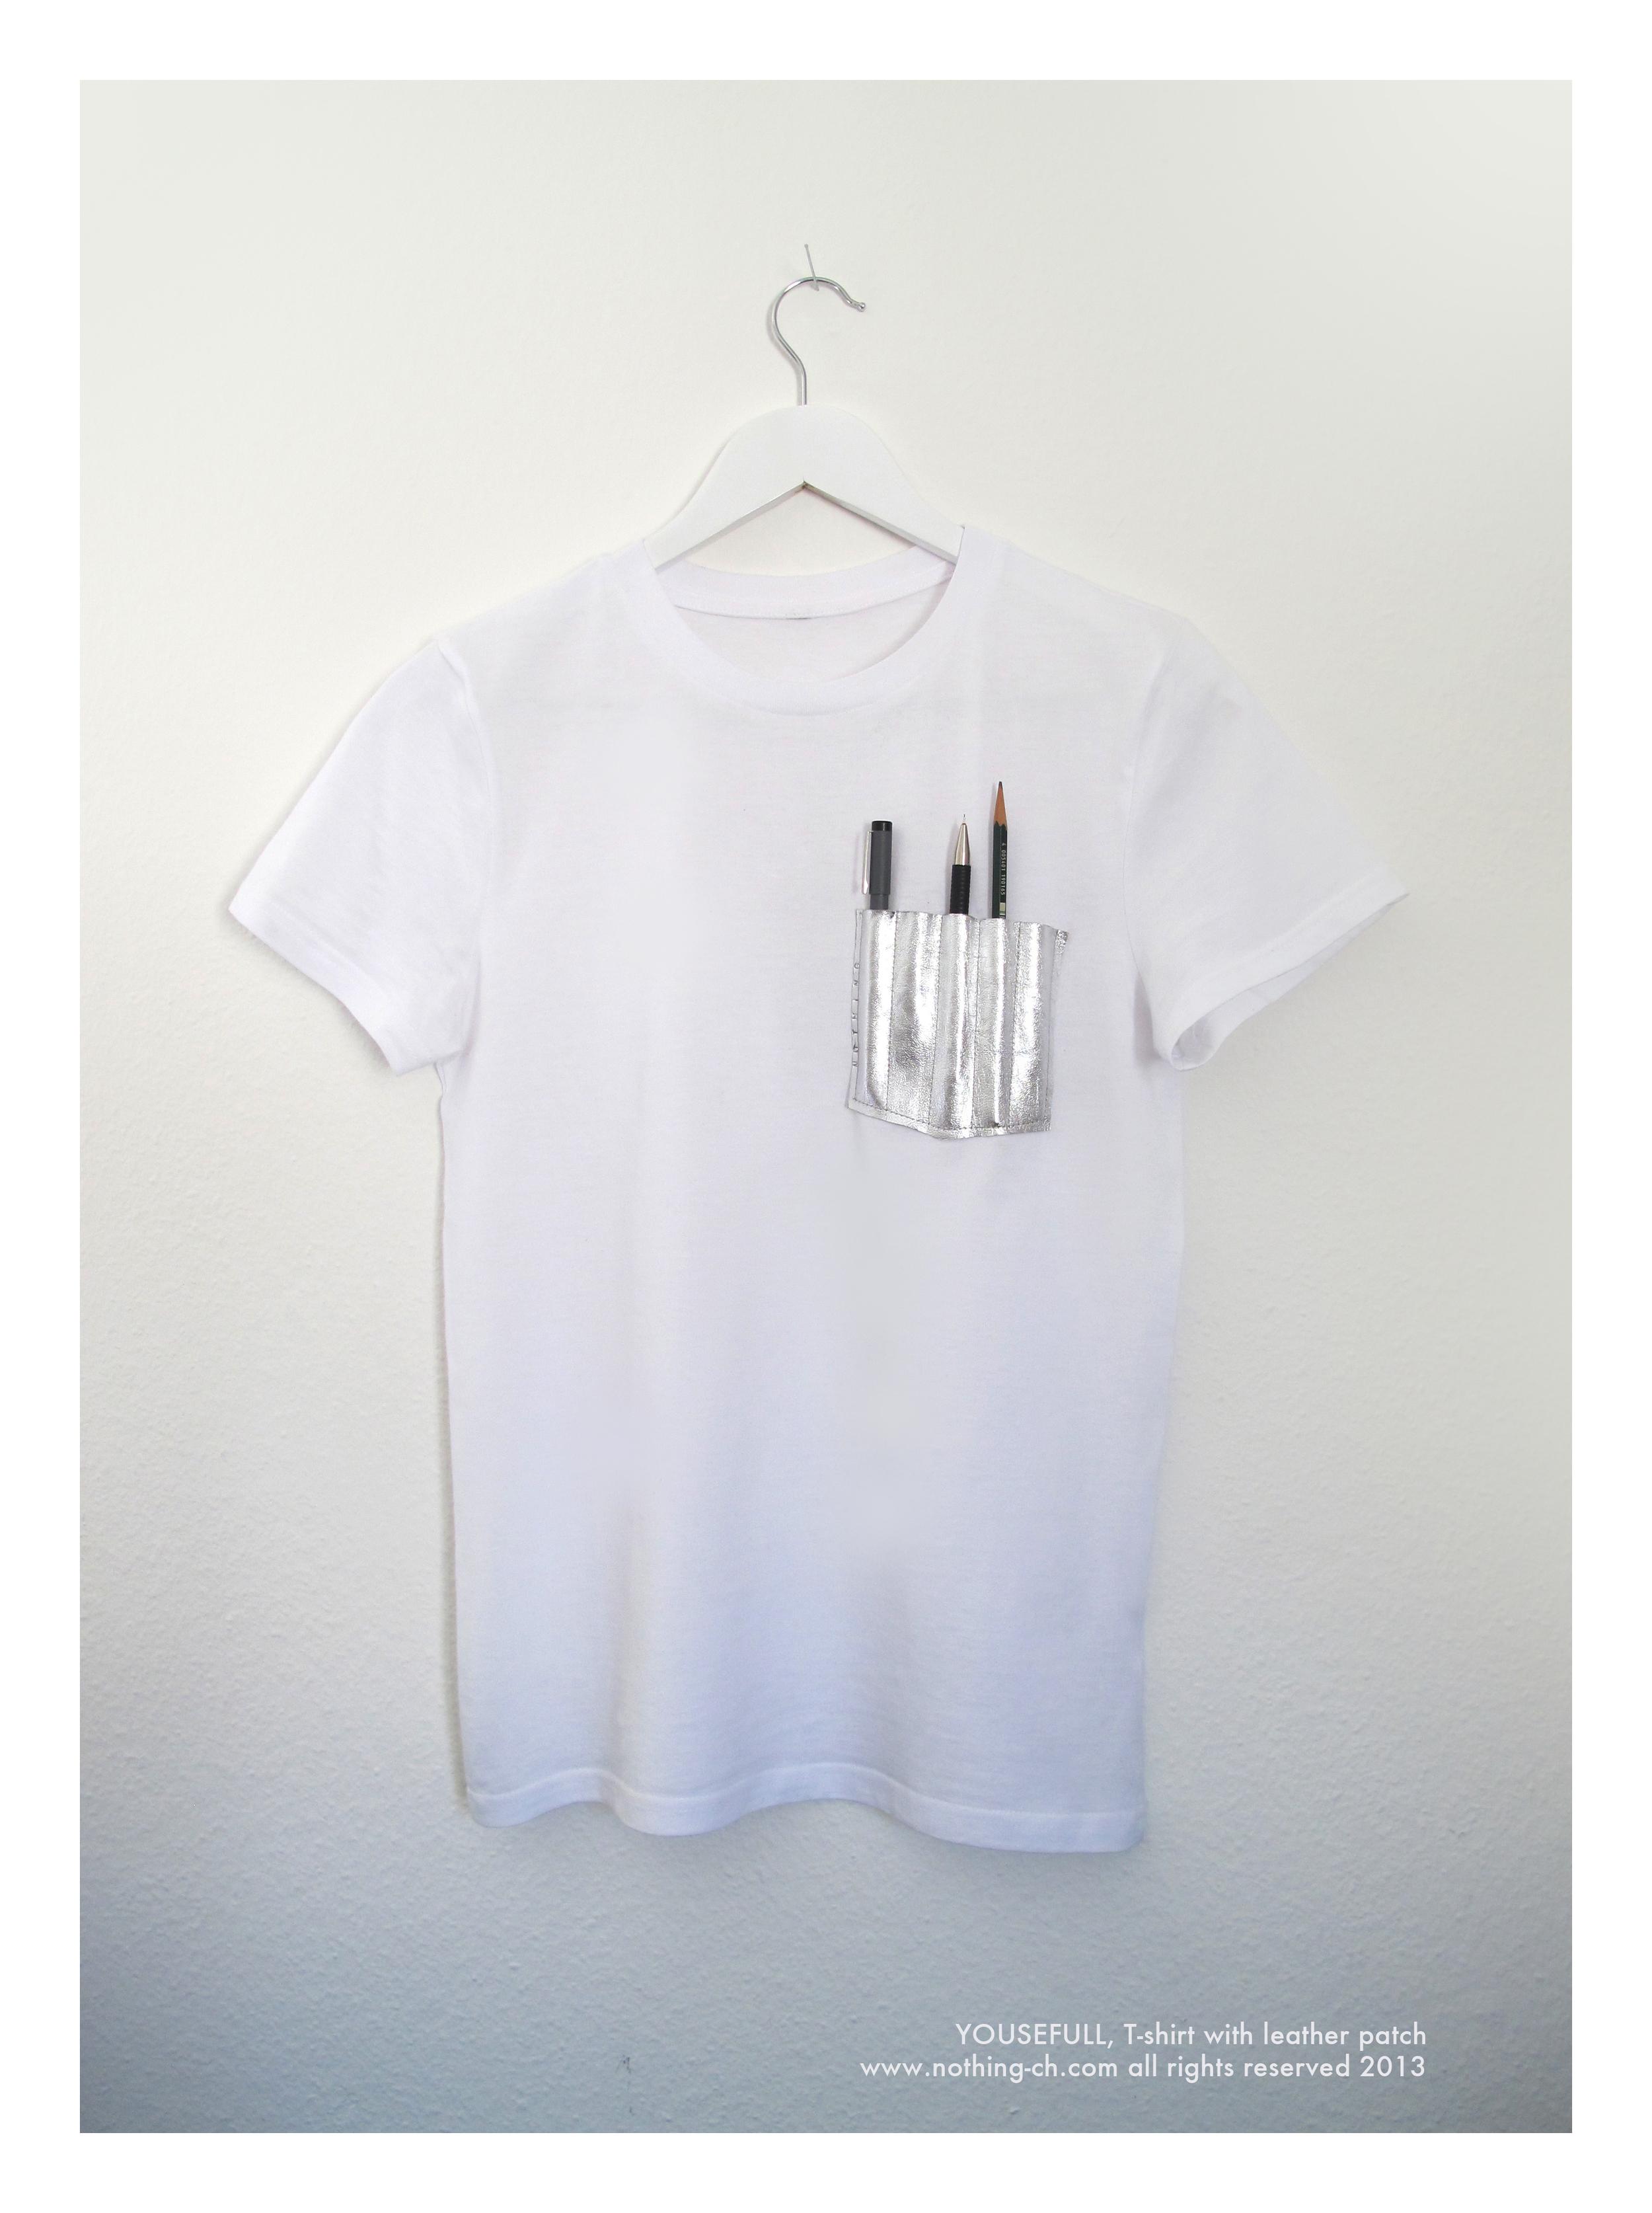 yousefull_shirt.jpg